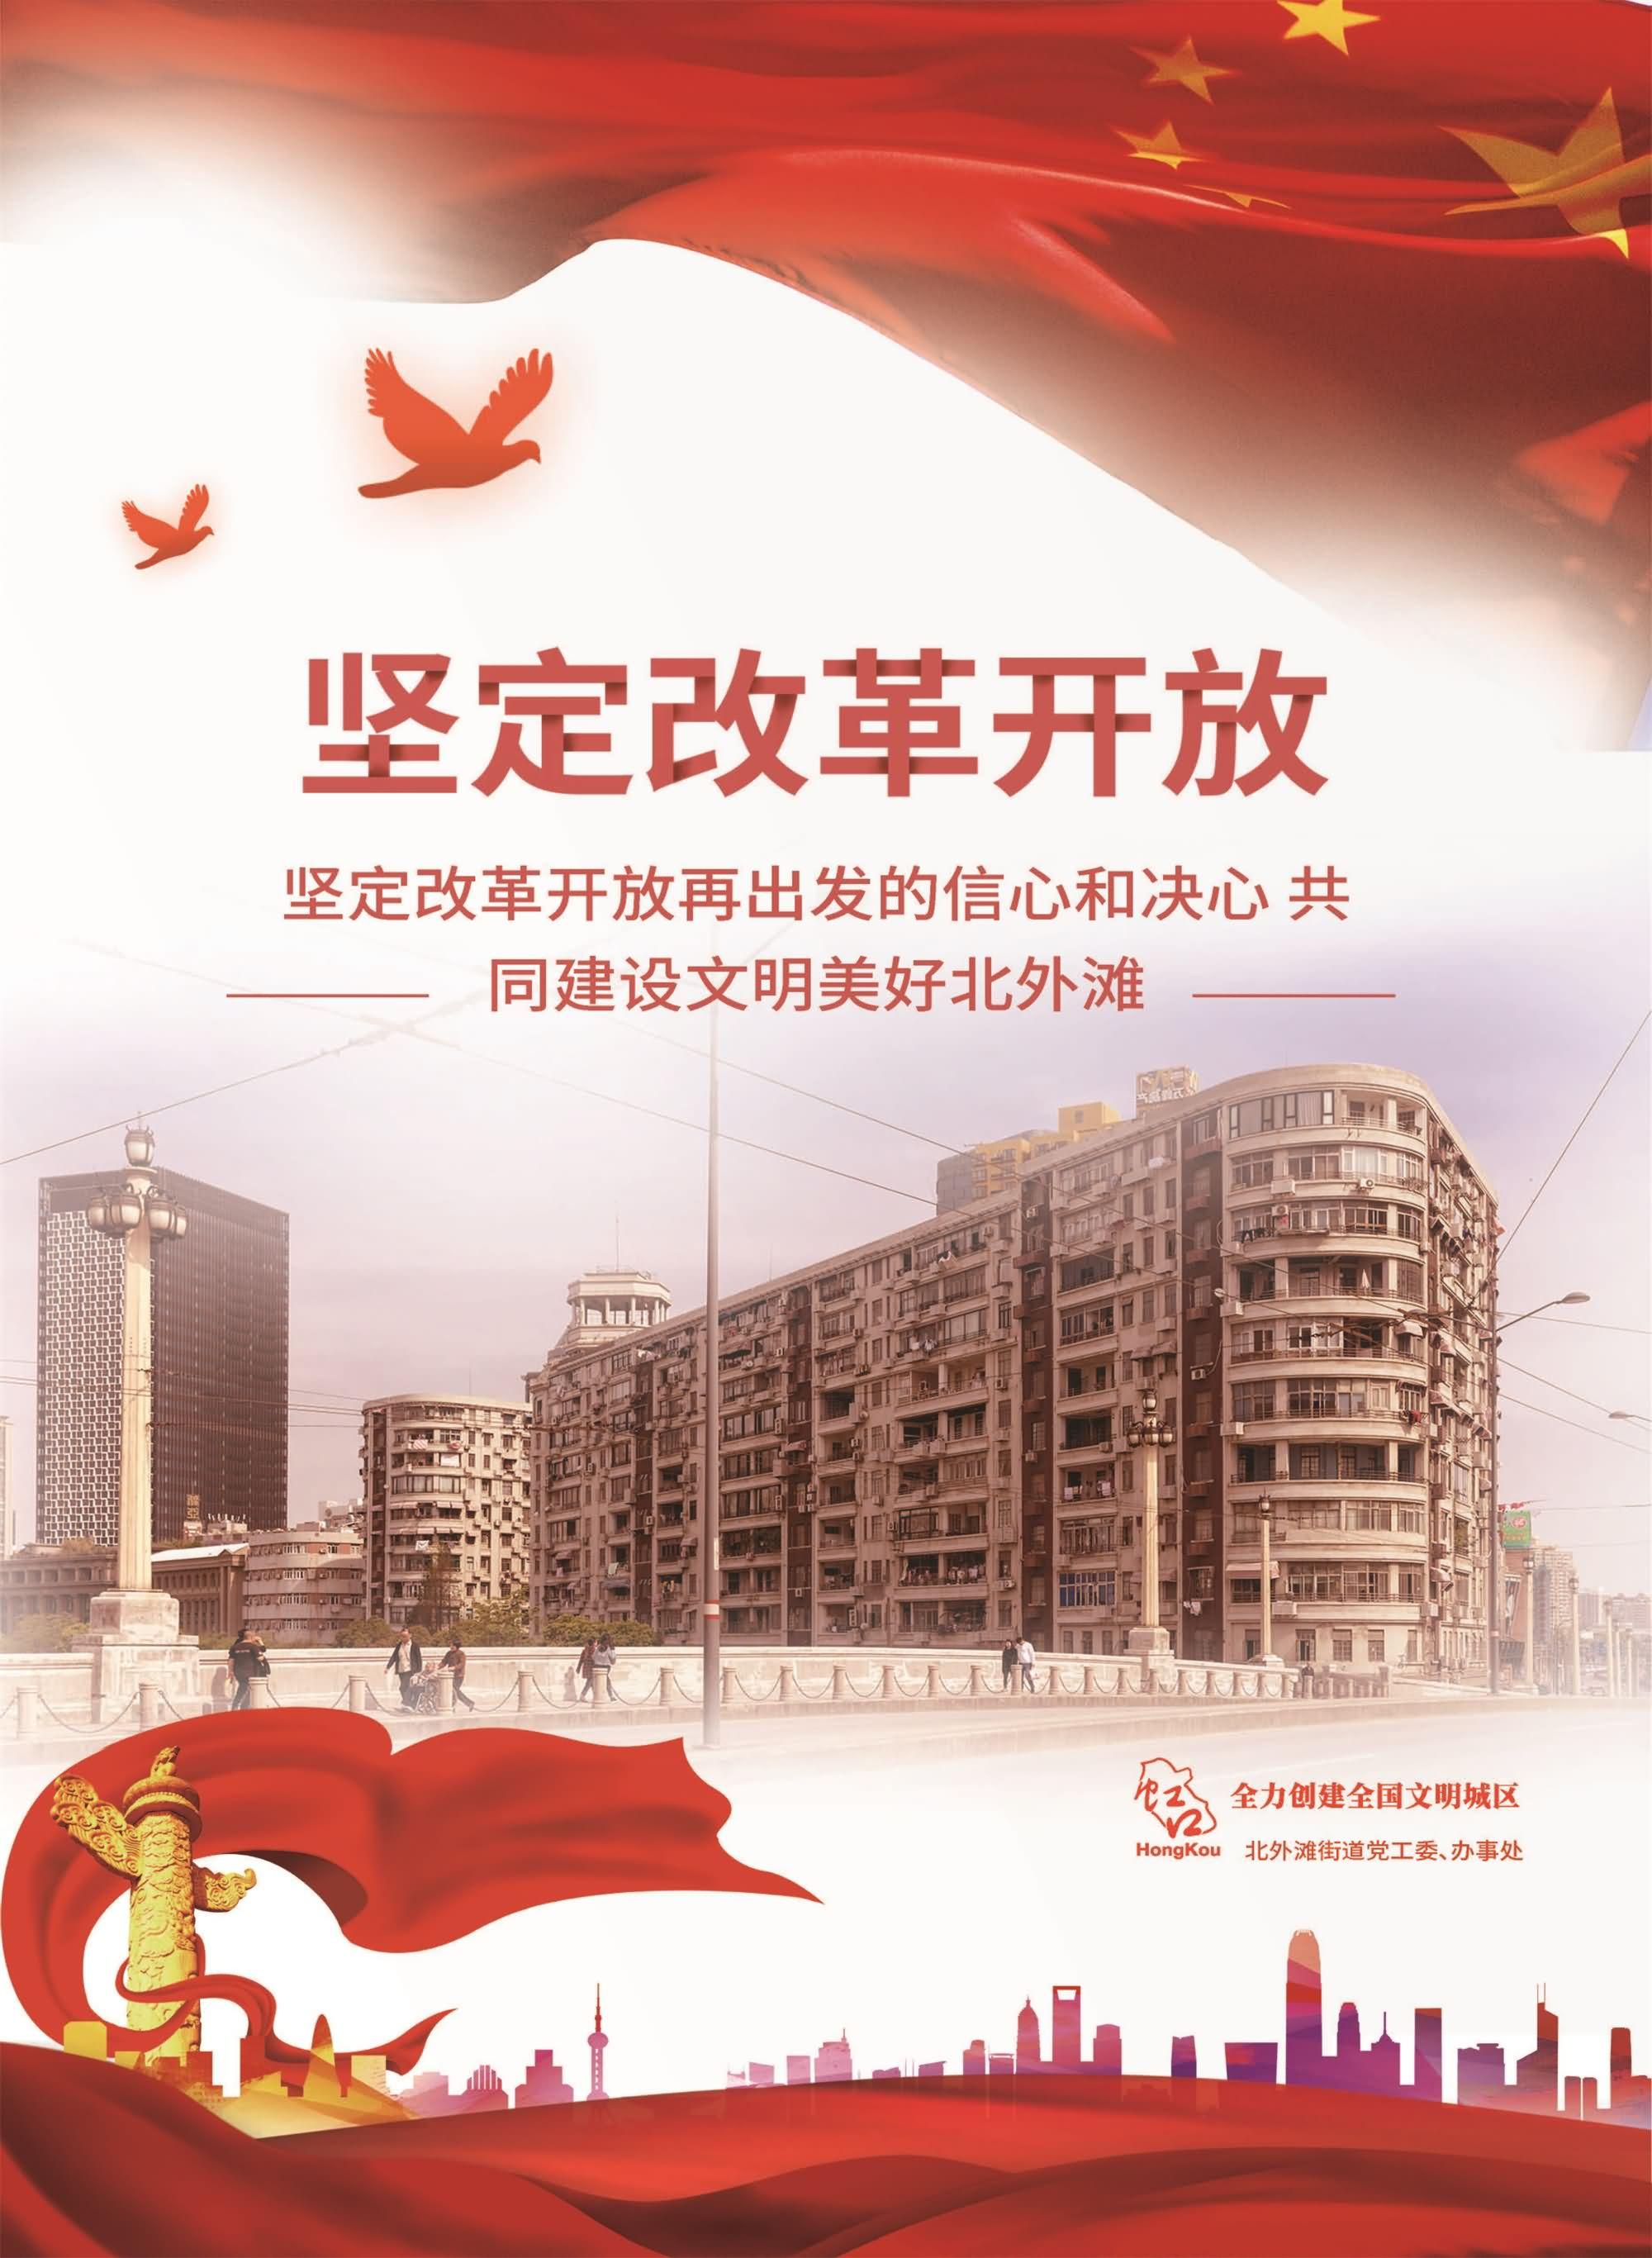 上海市北外滩街道办事处3